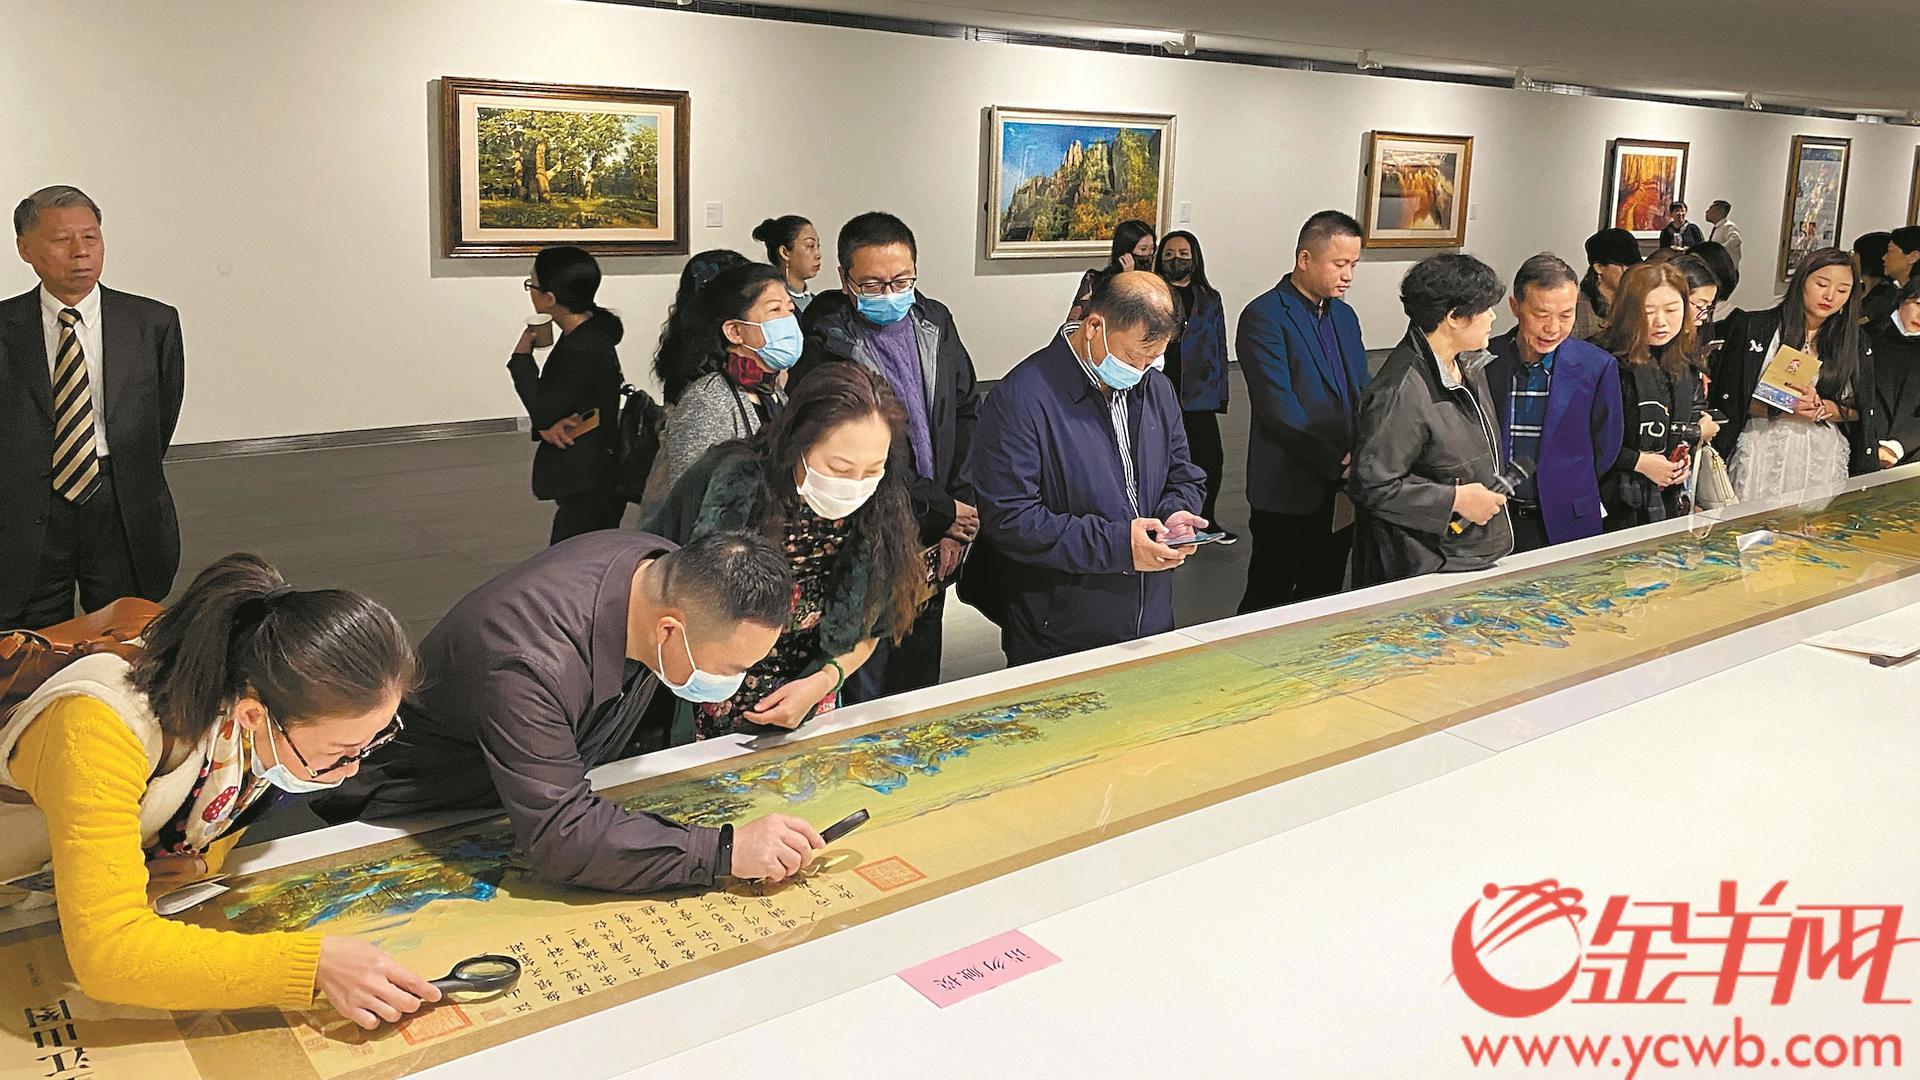 巨幅苏绣作品《千里江山图》亮相广州